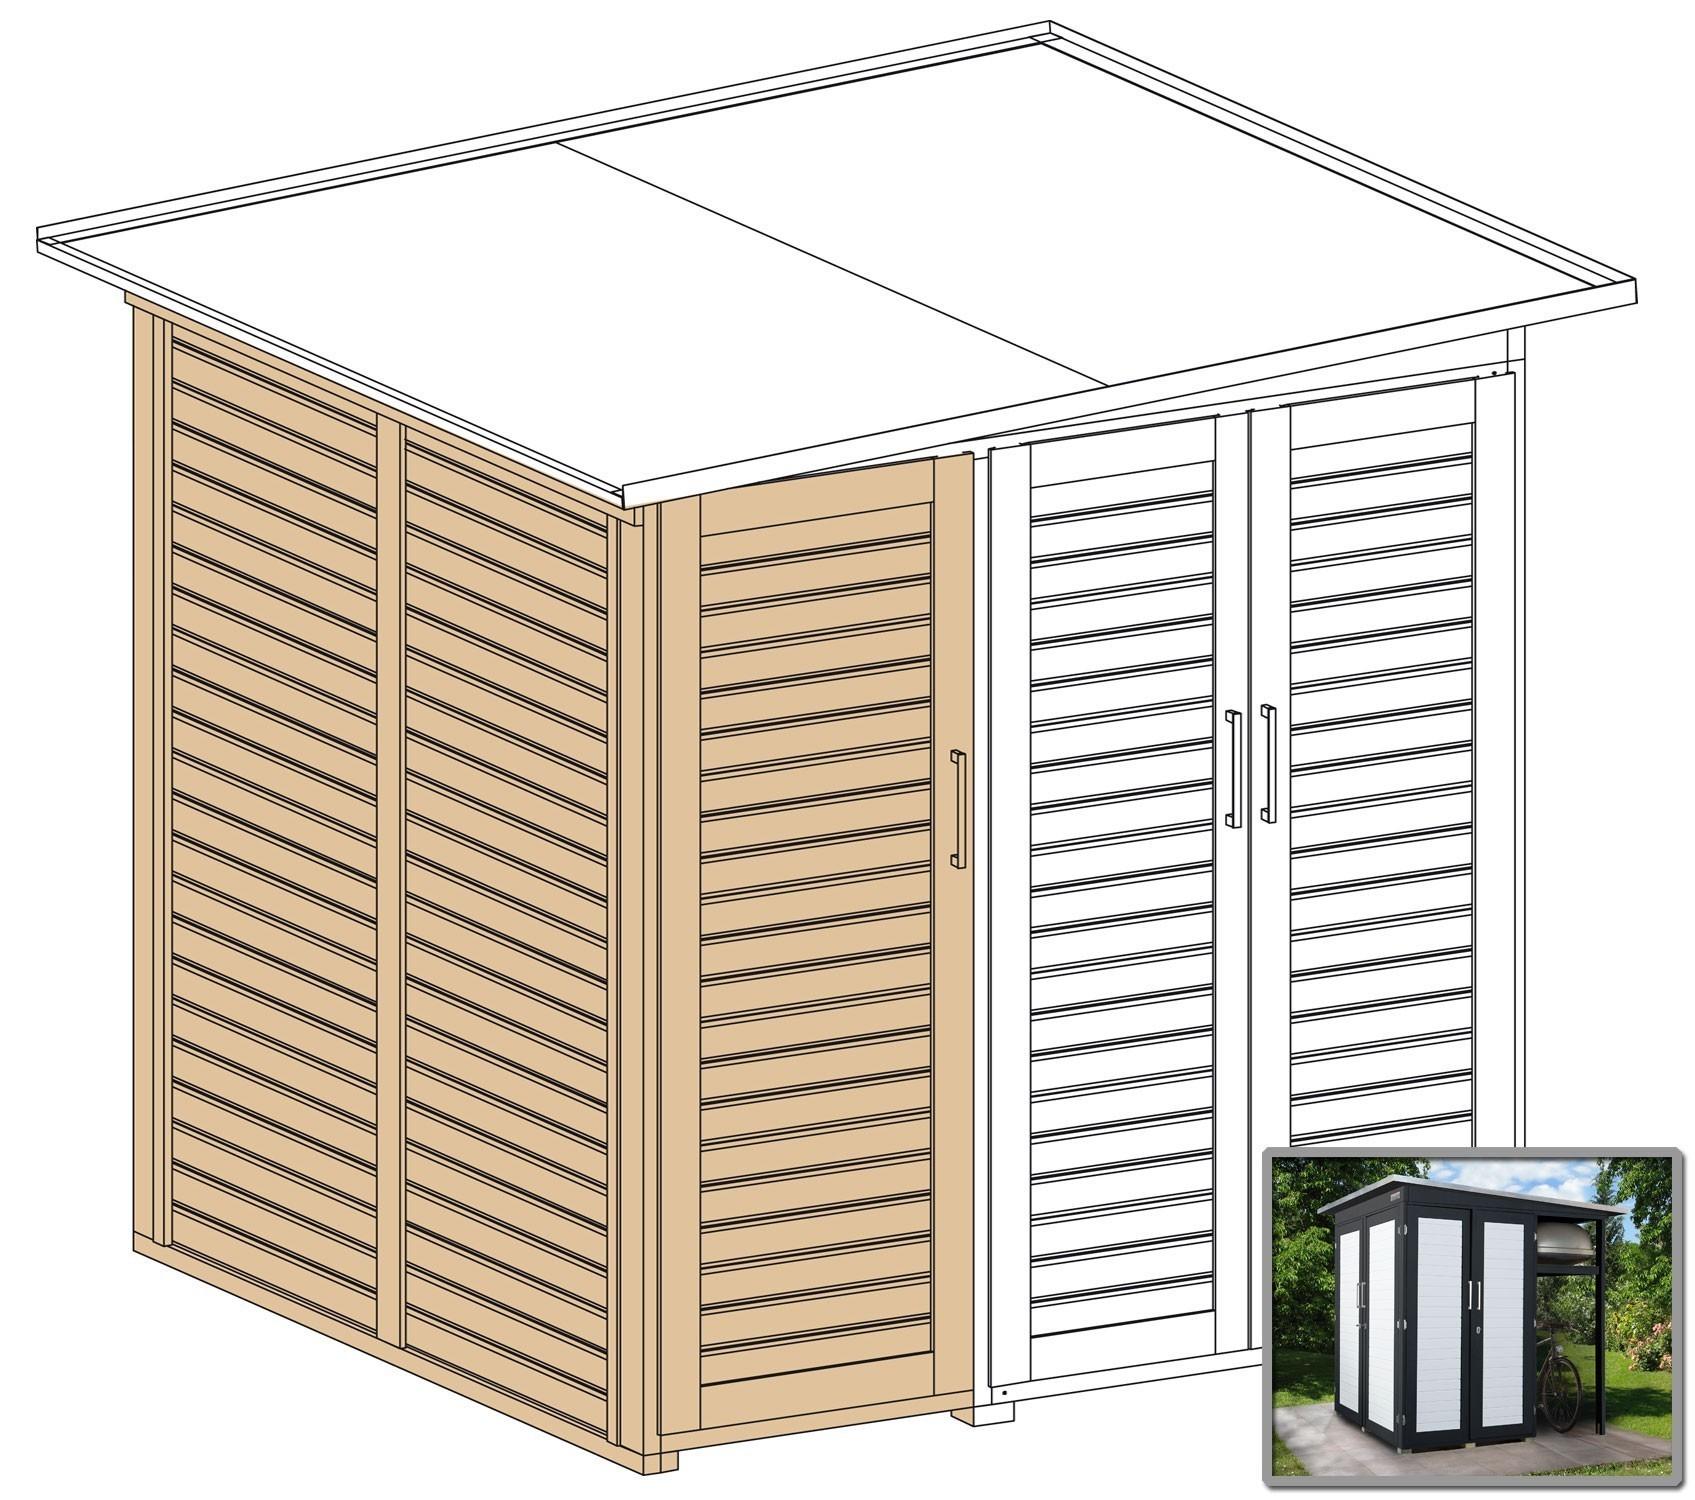 Erweiterungsbausatz für WEKA Gerätehaus GartenQ 2 Türen anthrazit Bild 2